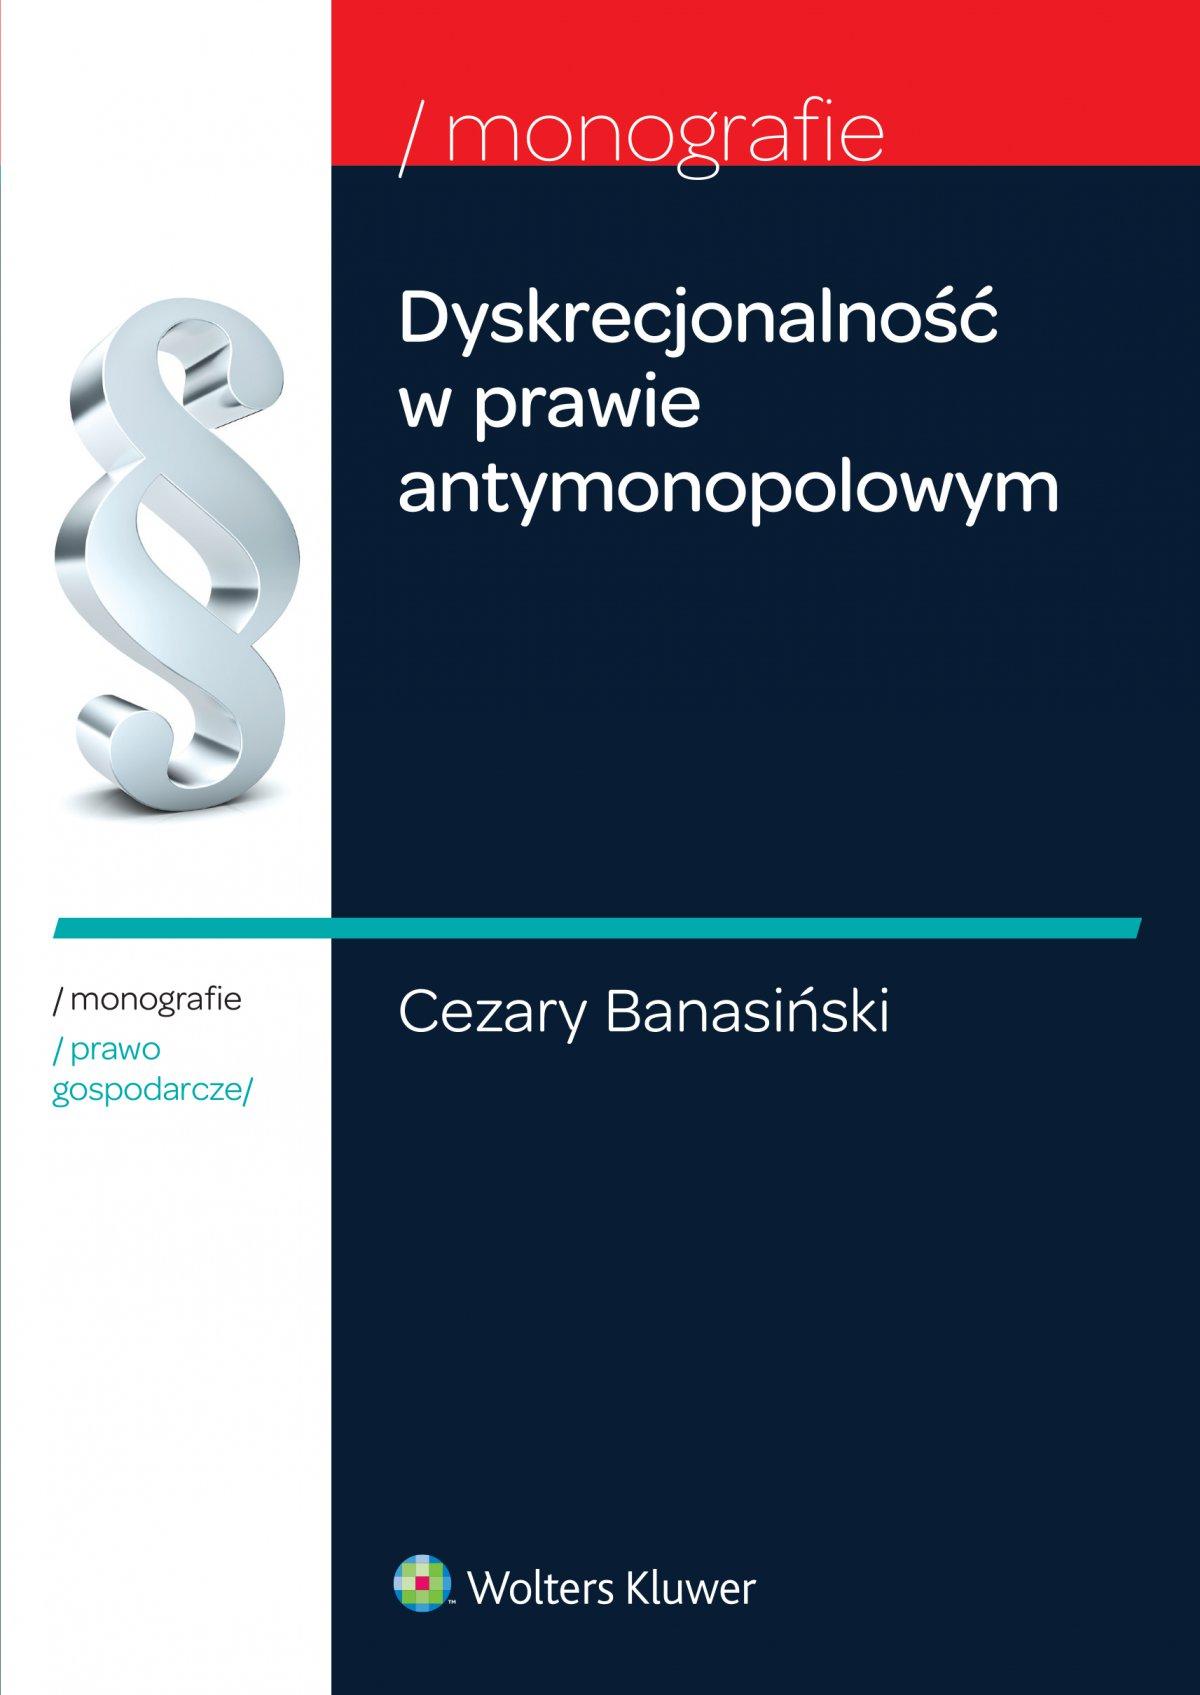 Dyskrecjonalność w prawie antymonopolowym - Ebook (Książka EPUB) do pobrania w formacie EPUB